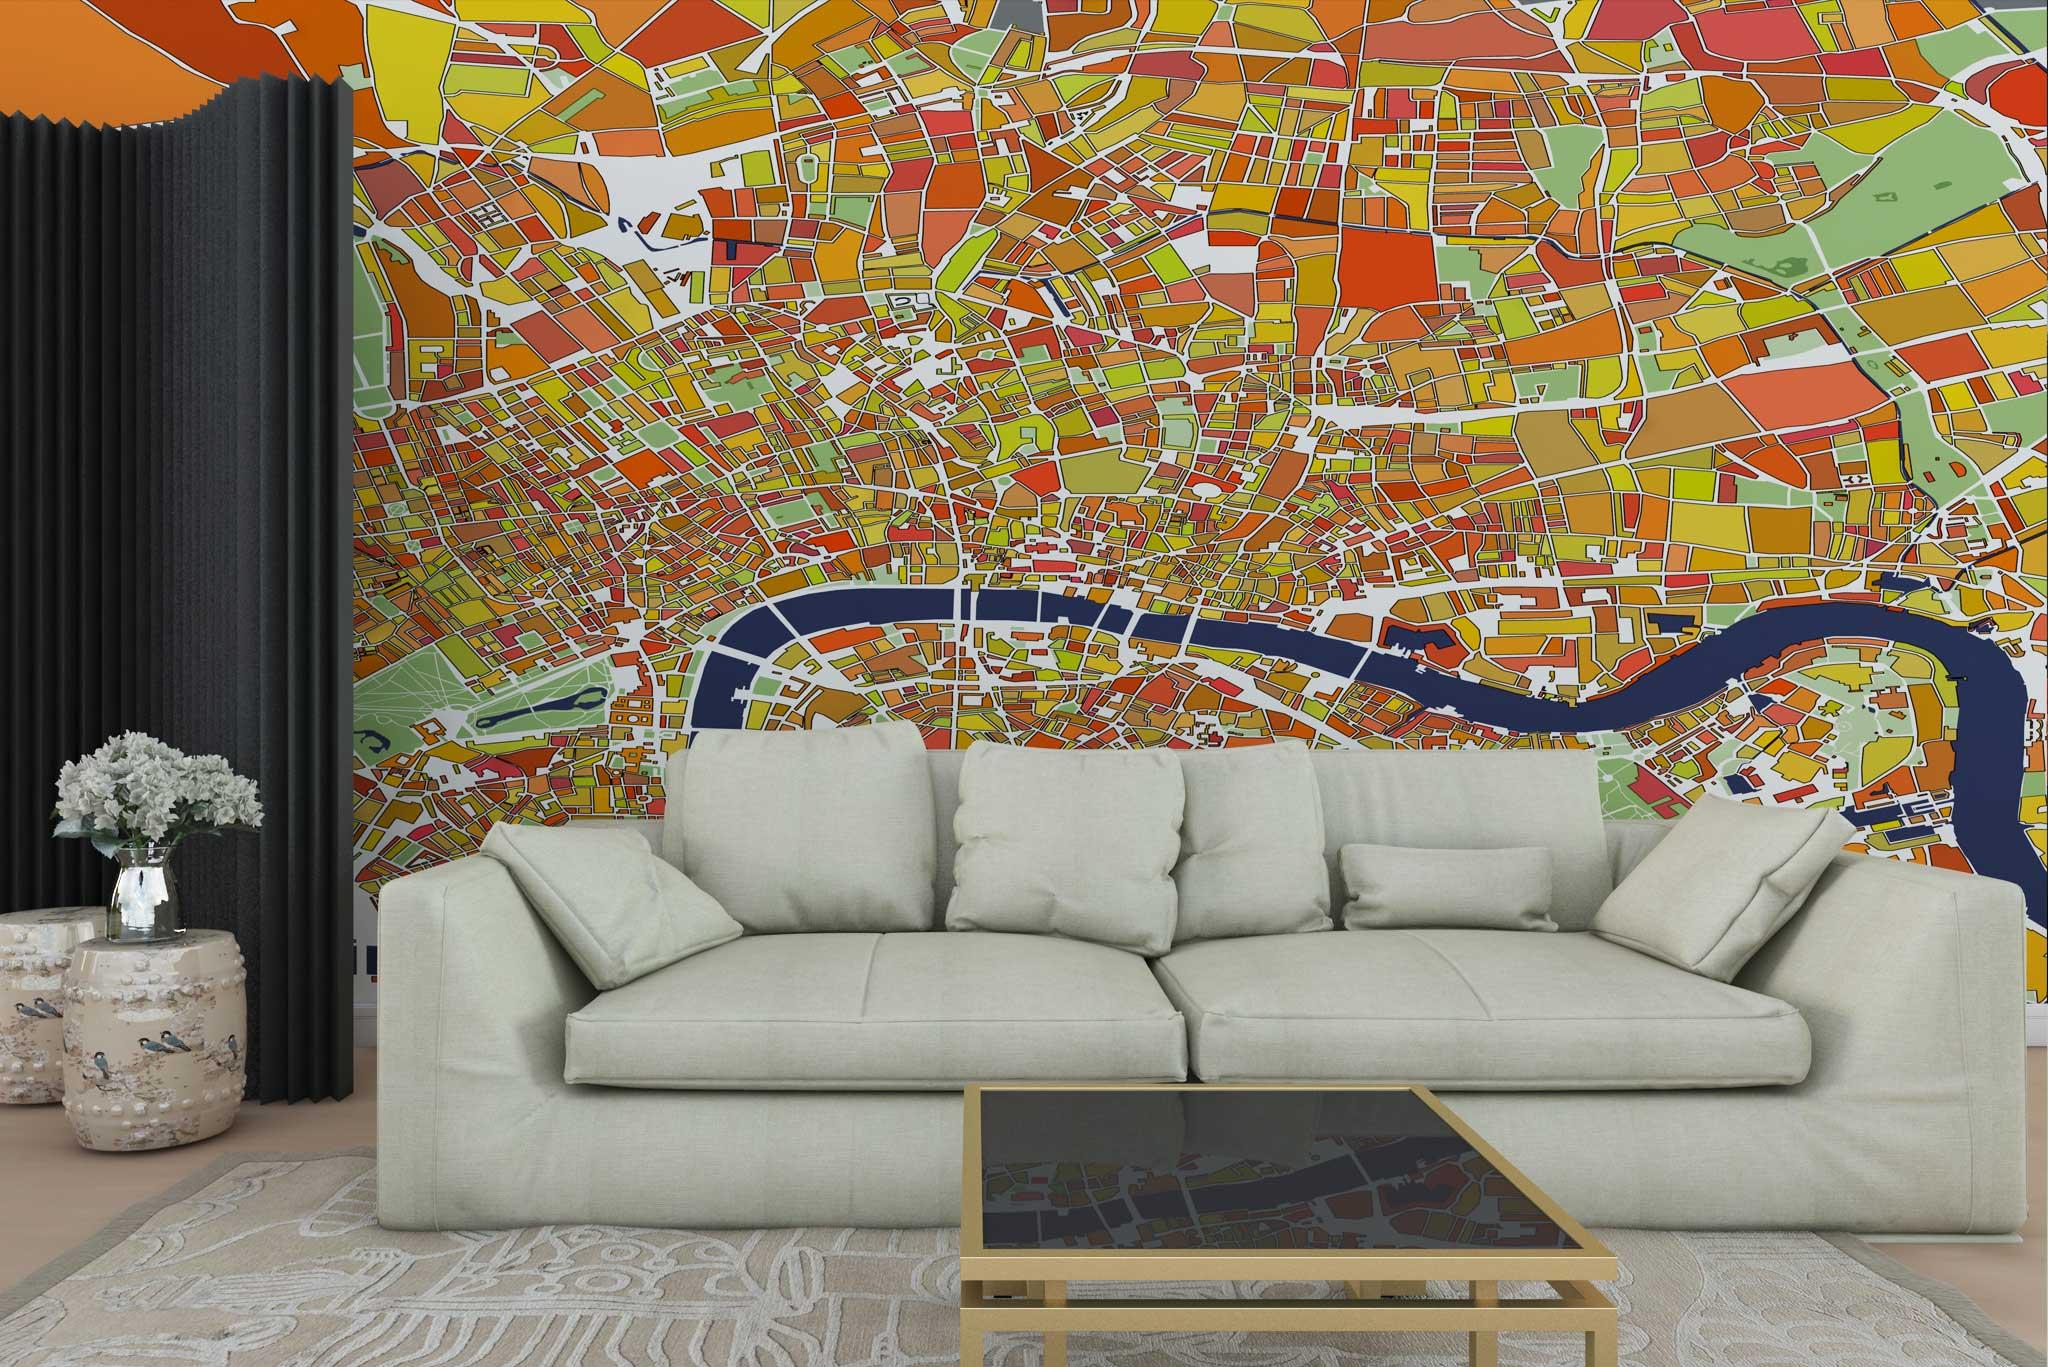 tapet-fototapet-personalizat-comanda-bucuresti-model-harta-urbana-oras-2-multicolor-perete-lux-special